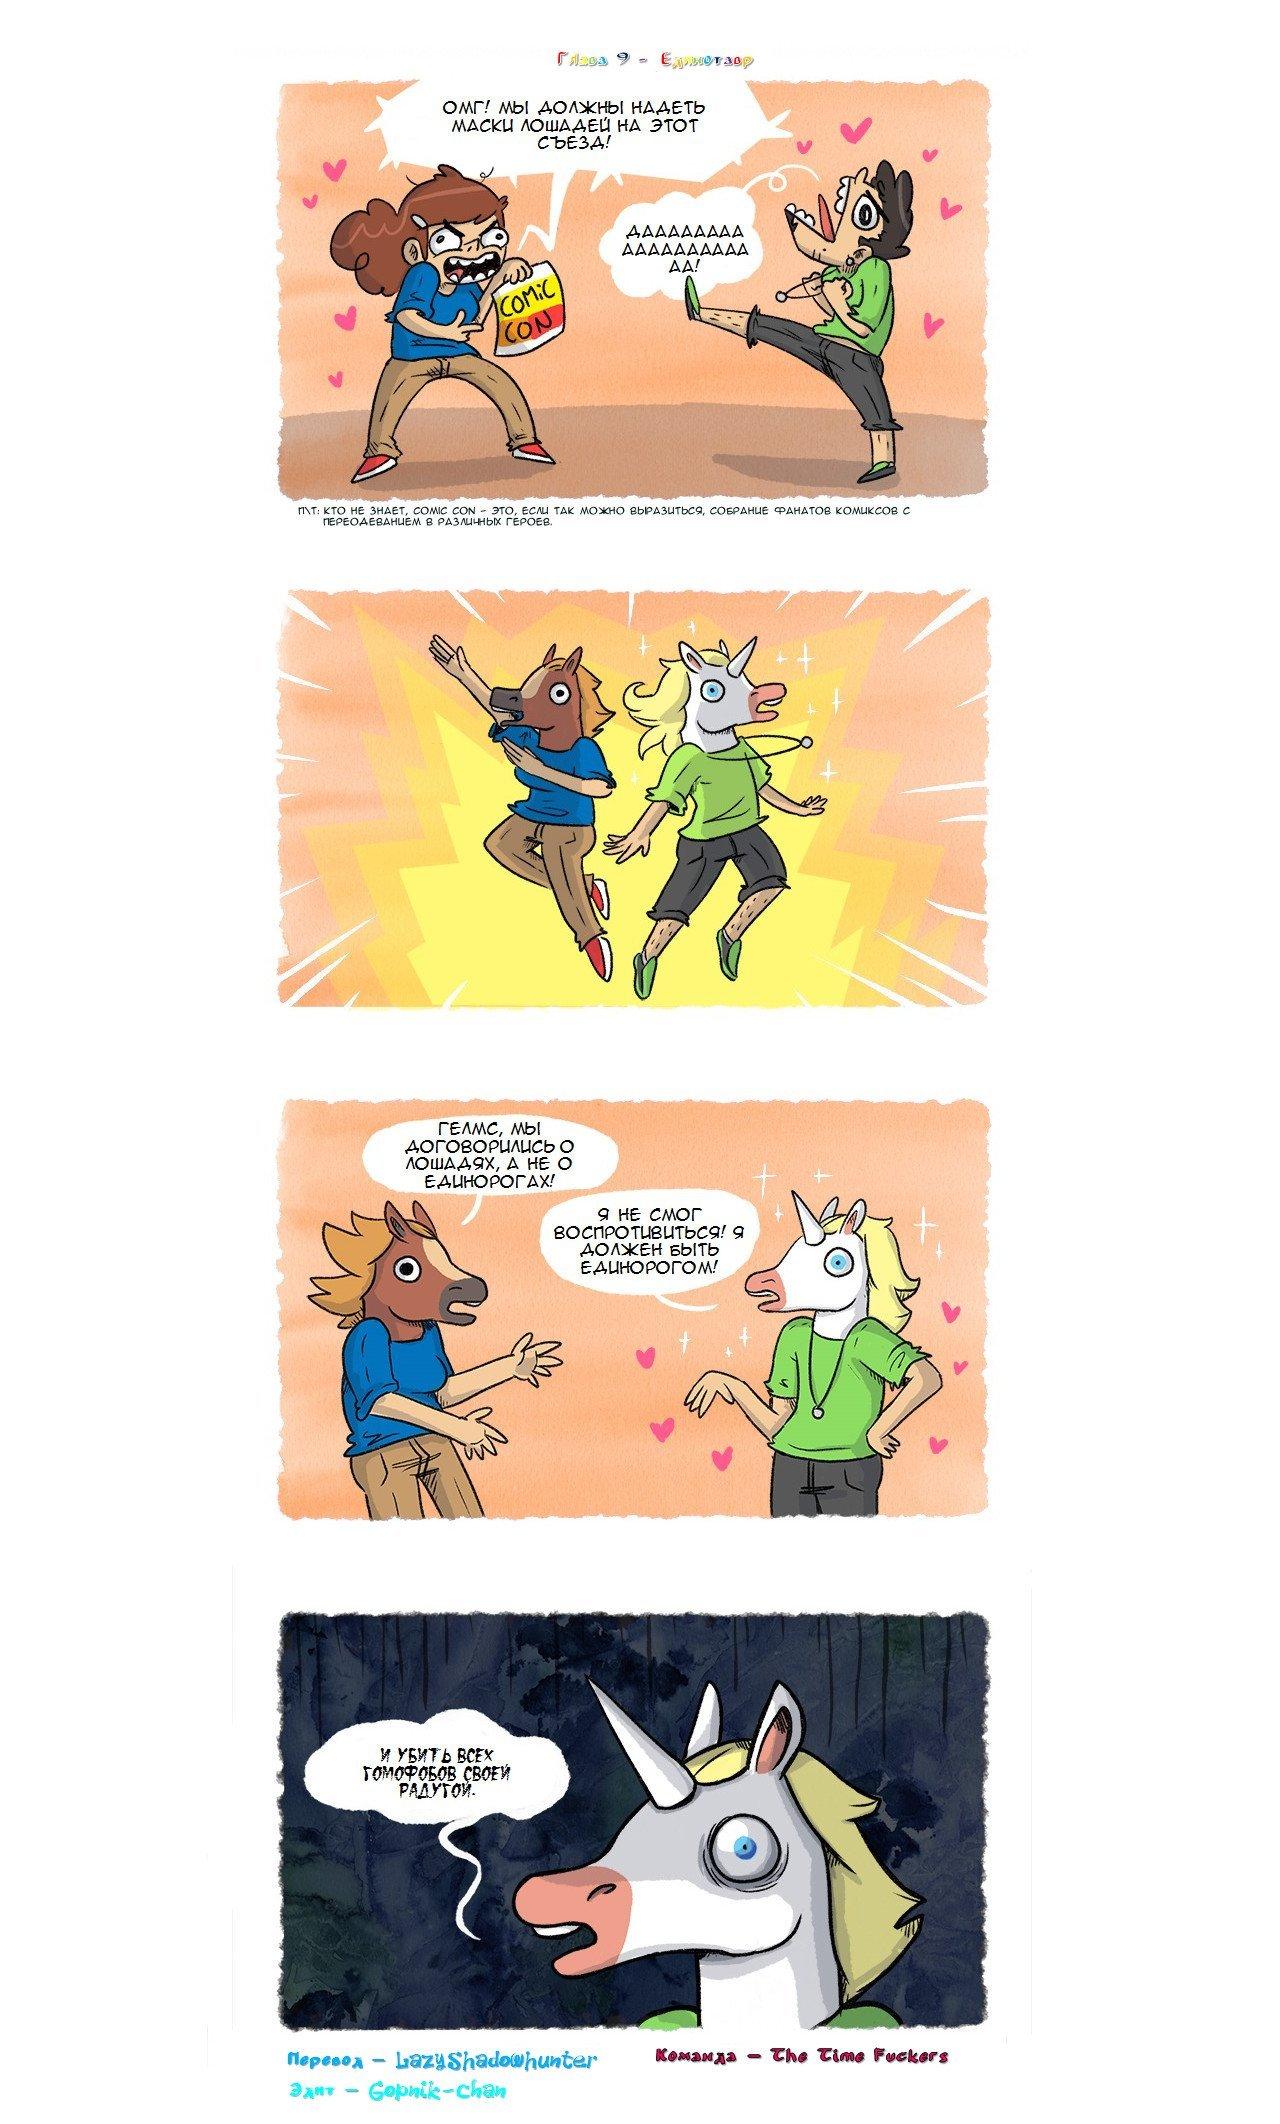 Манга Эй, а я гей! - Глава 9 Страница 1